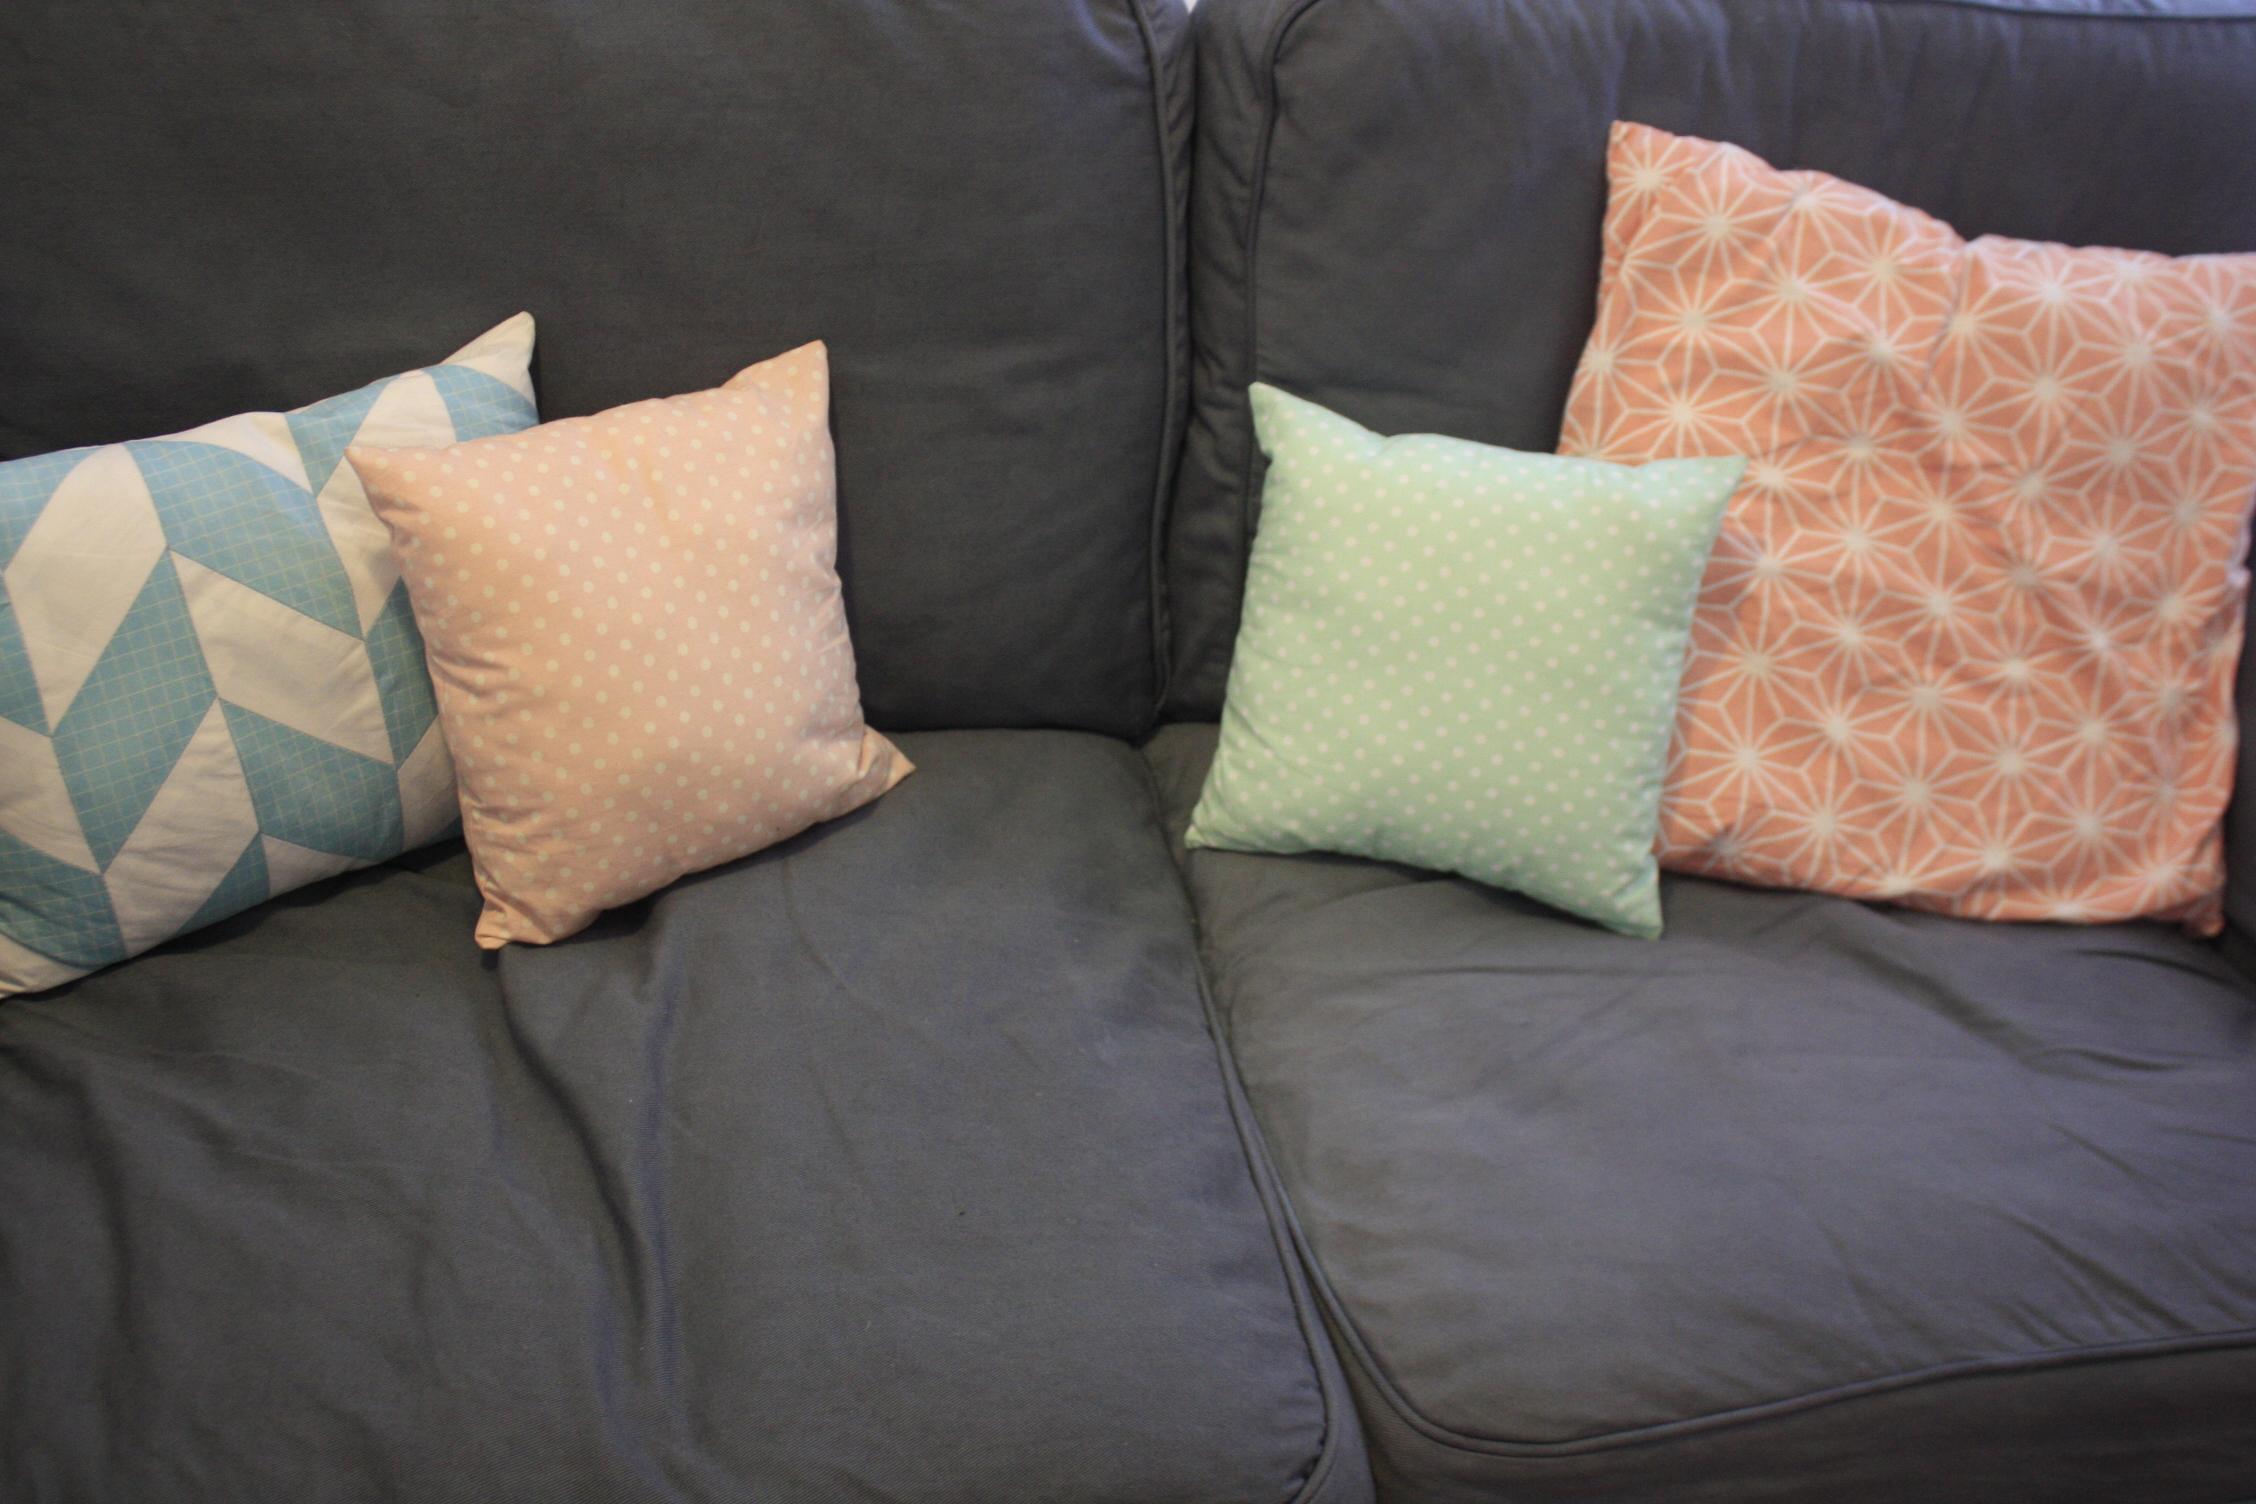 Enlever tache de cafe sur canape en tissu comment for Aureole sur canape tissu